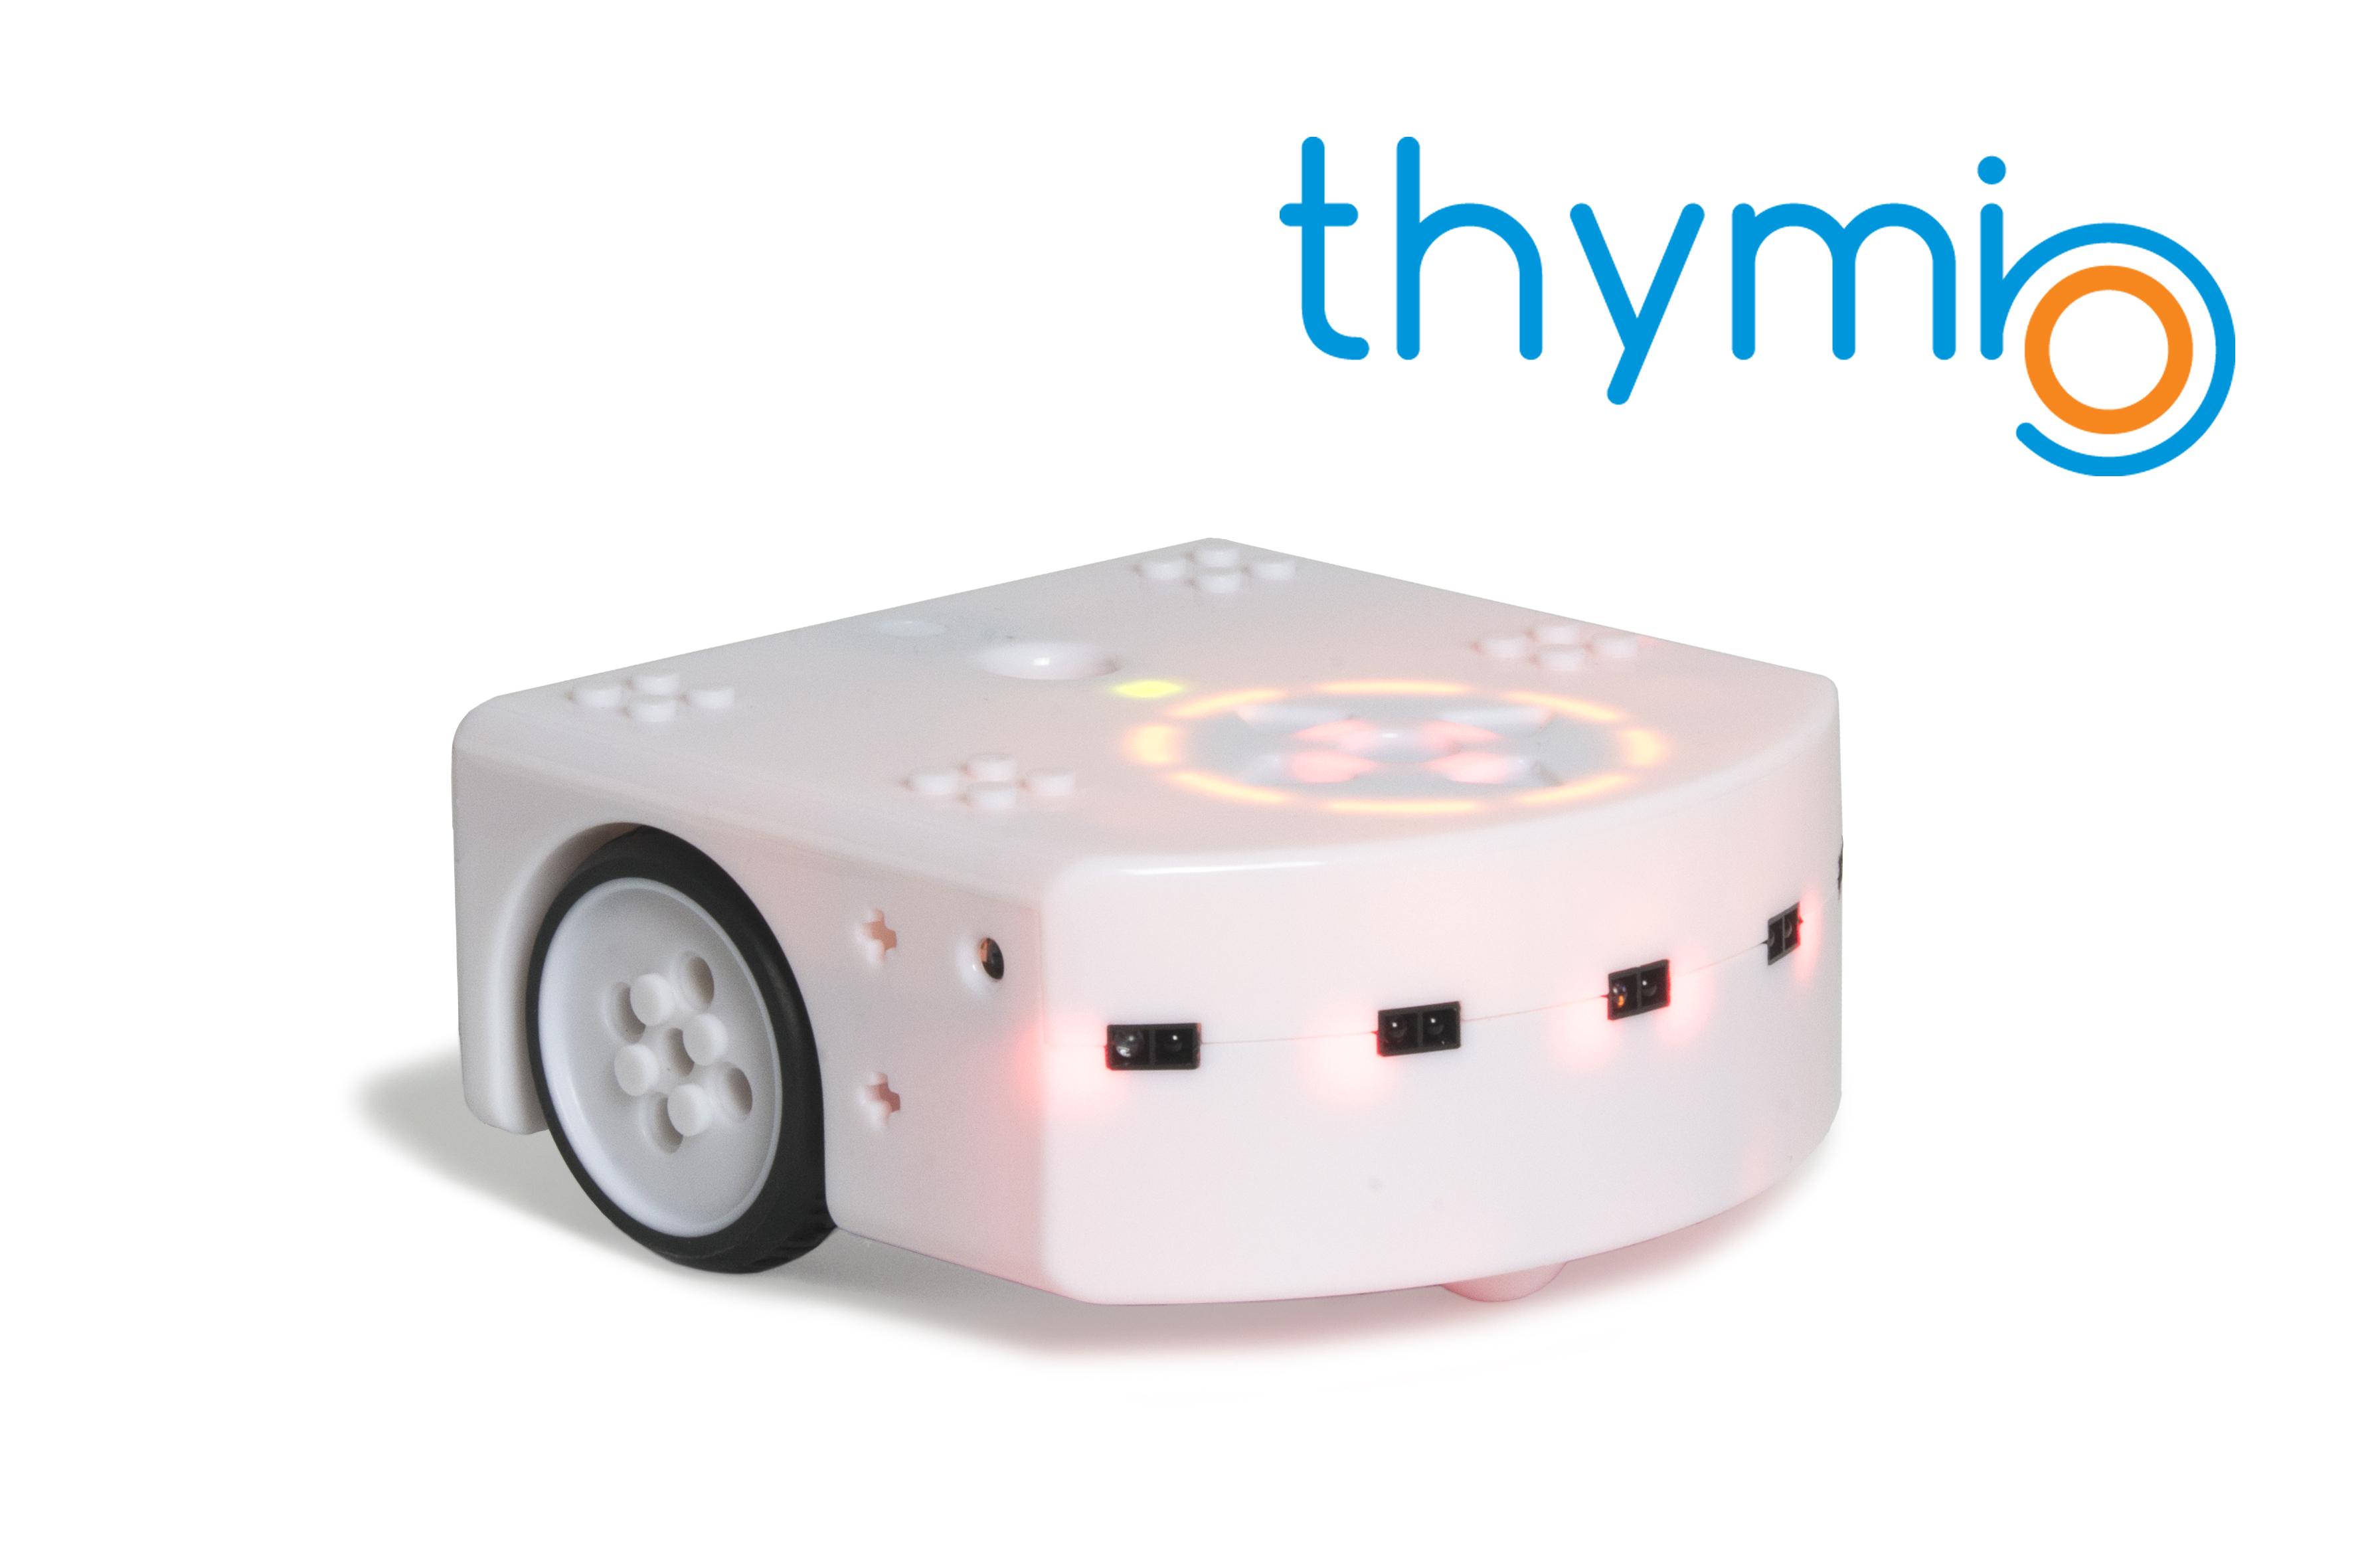 thymioLogo